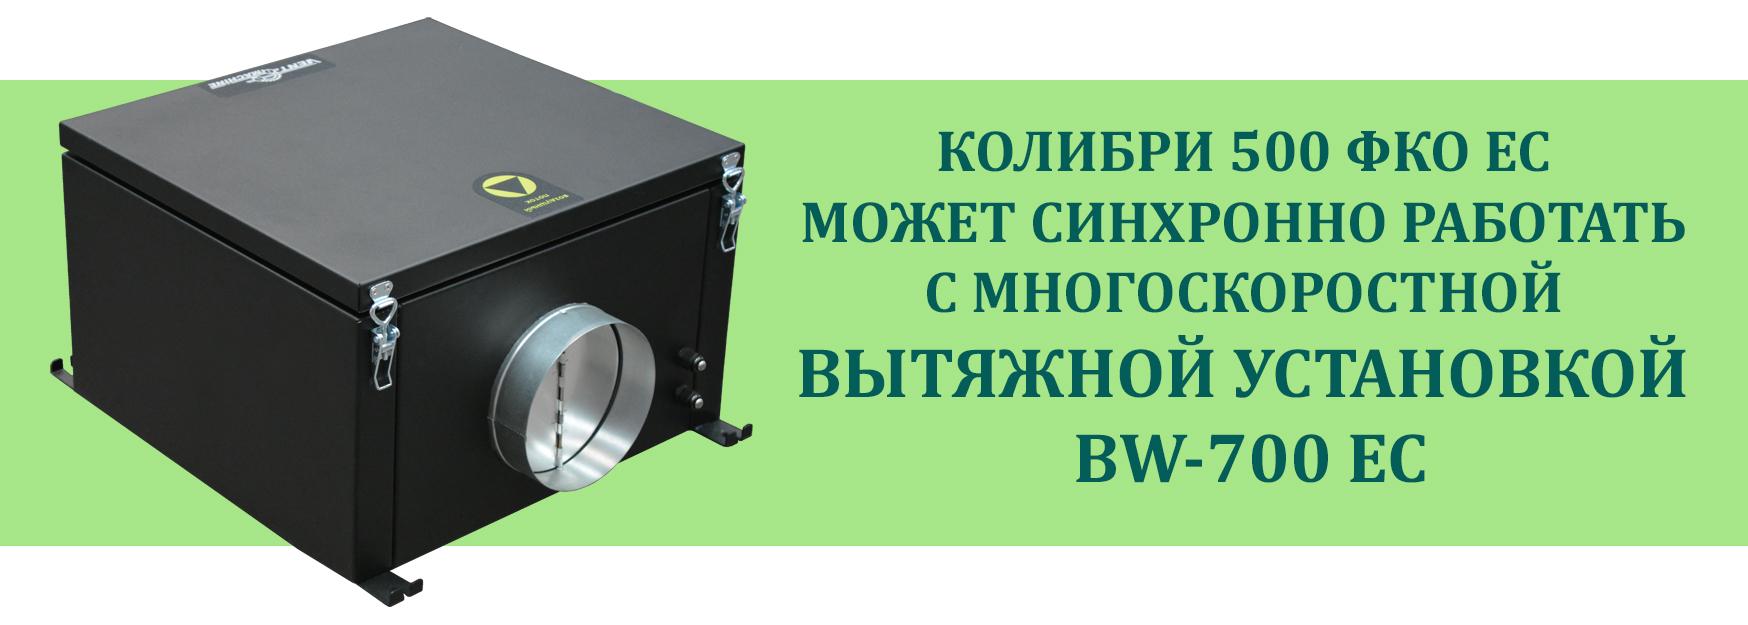 КОЛИБРИ 500 ФКО ЕС синхронно работает с вытяжкой 700 bw